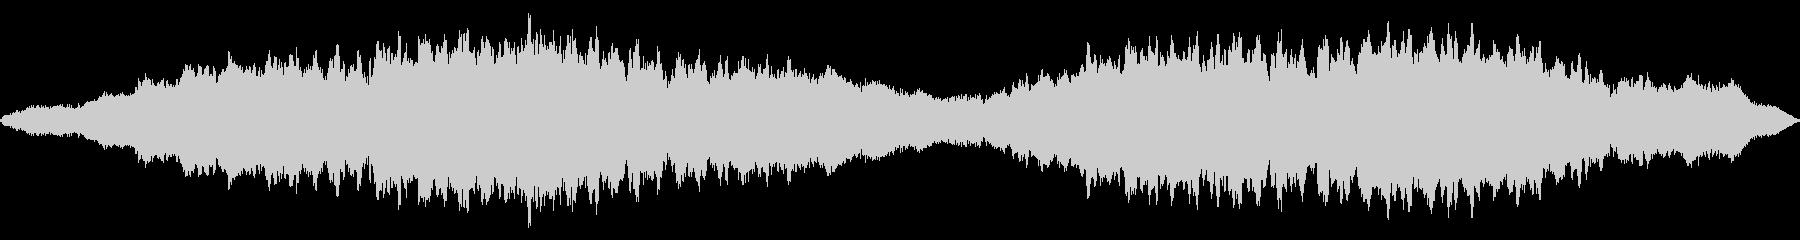 ディープスペースパート2の未再生の波形